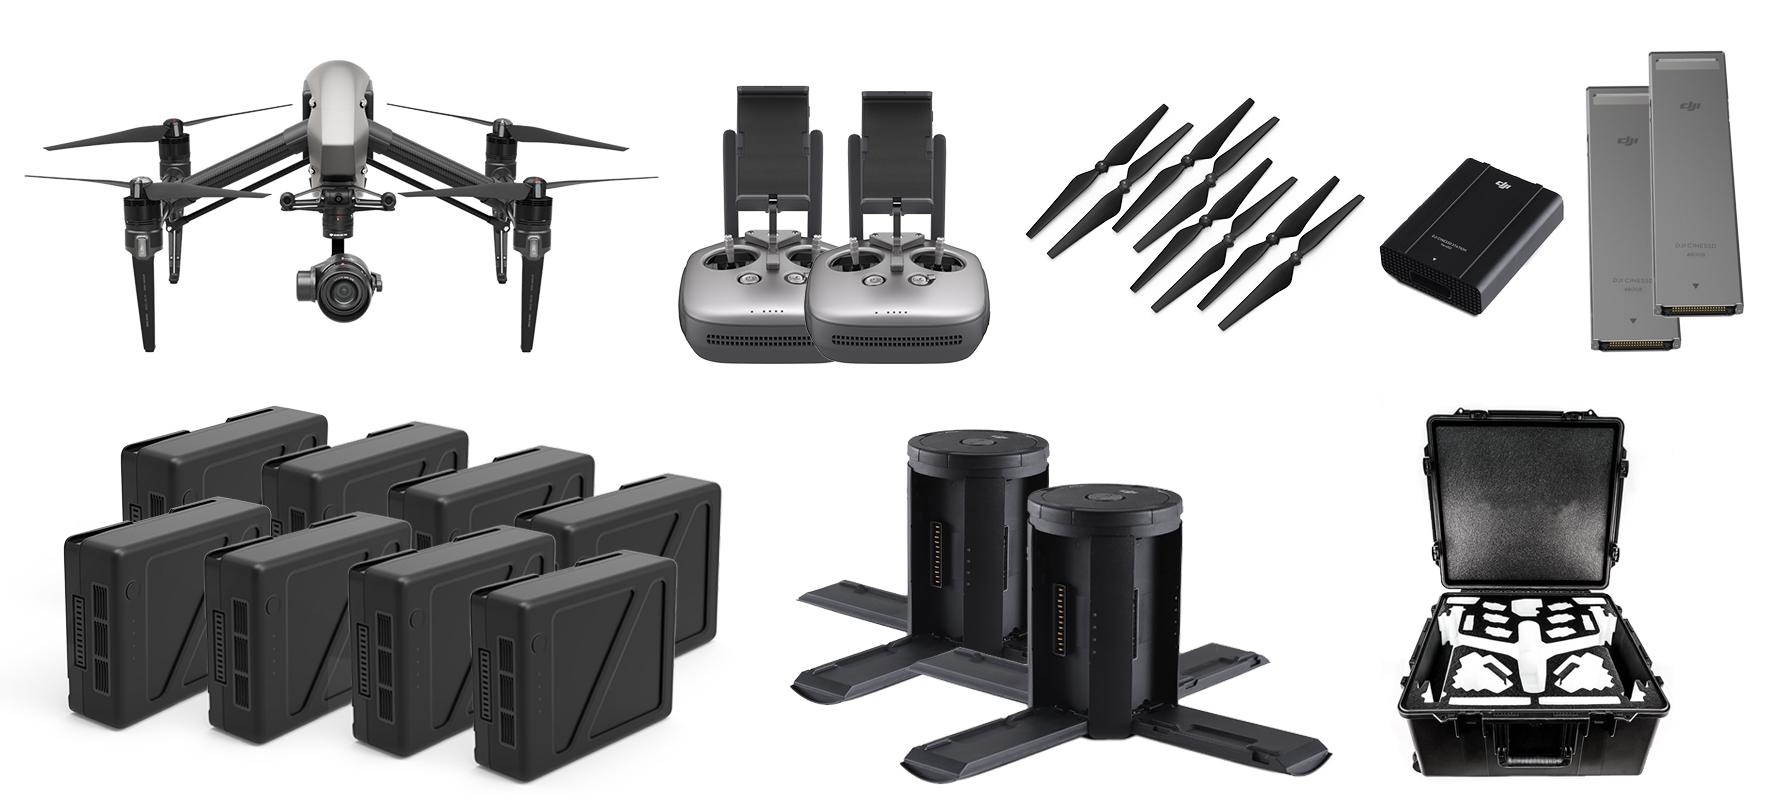 inspire-2-x5s-directors-kit-in-the-box